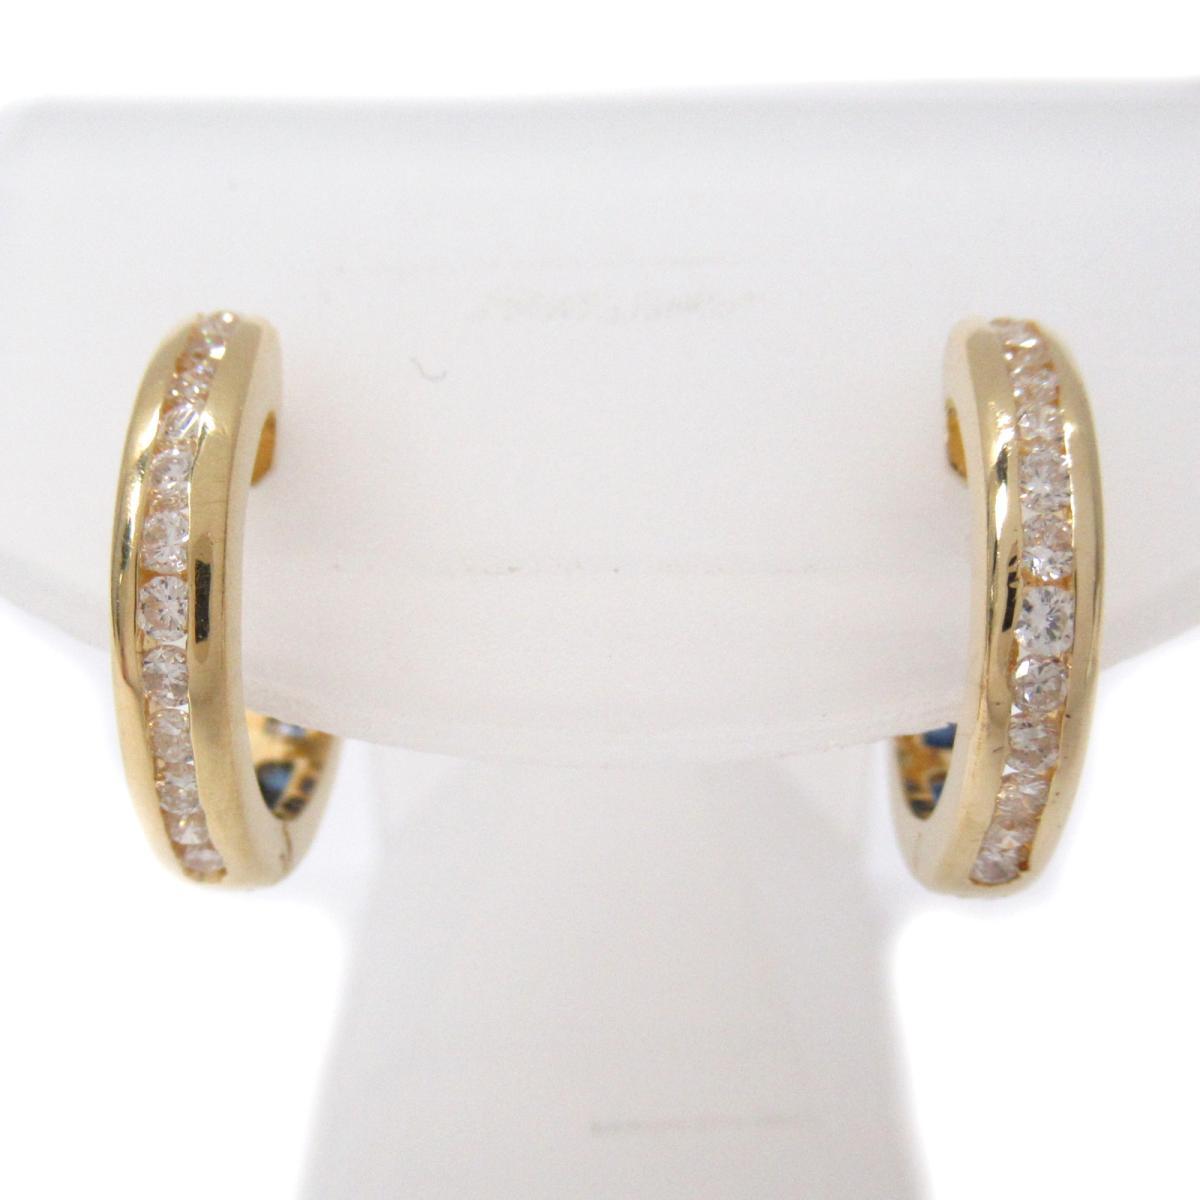 ジュエリー ダイヤモンド サファイア ピアス ノーブランドジュエリー レディース K18YG (750) イエローゴールドxサファイアxダイヤモンド (石目なし) ブルーxクリアーxゴールド 【中古】 | ブランド